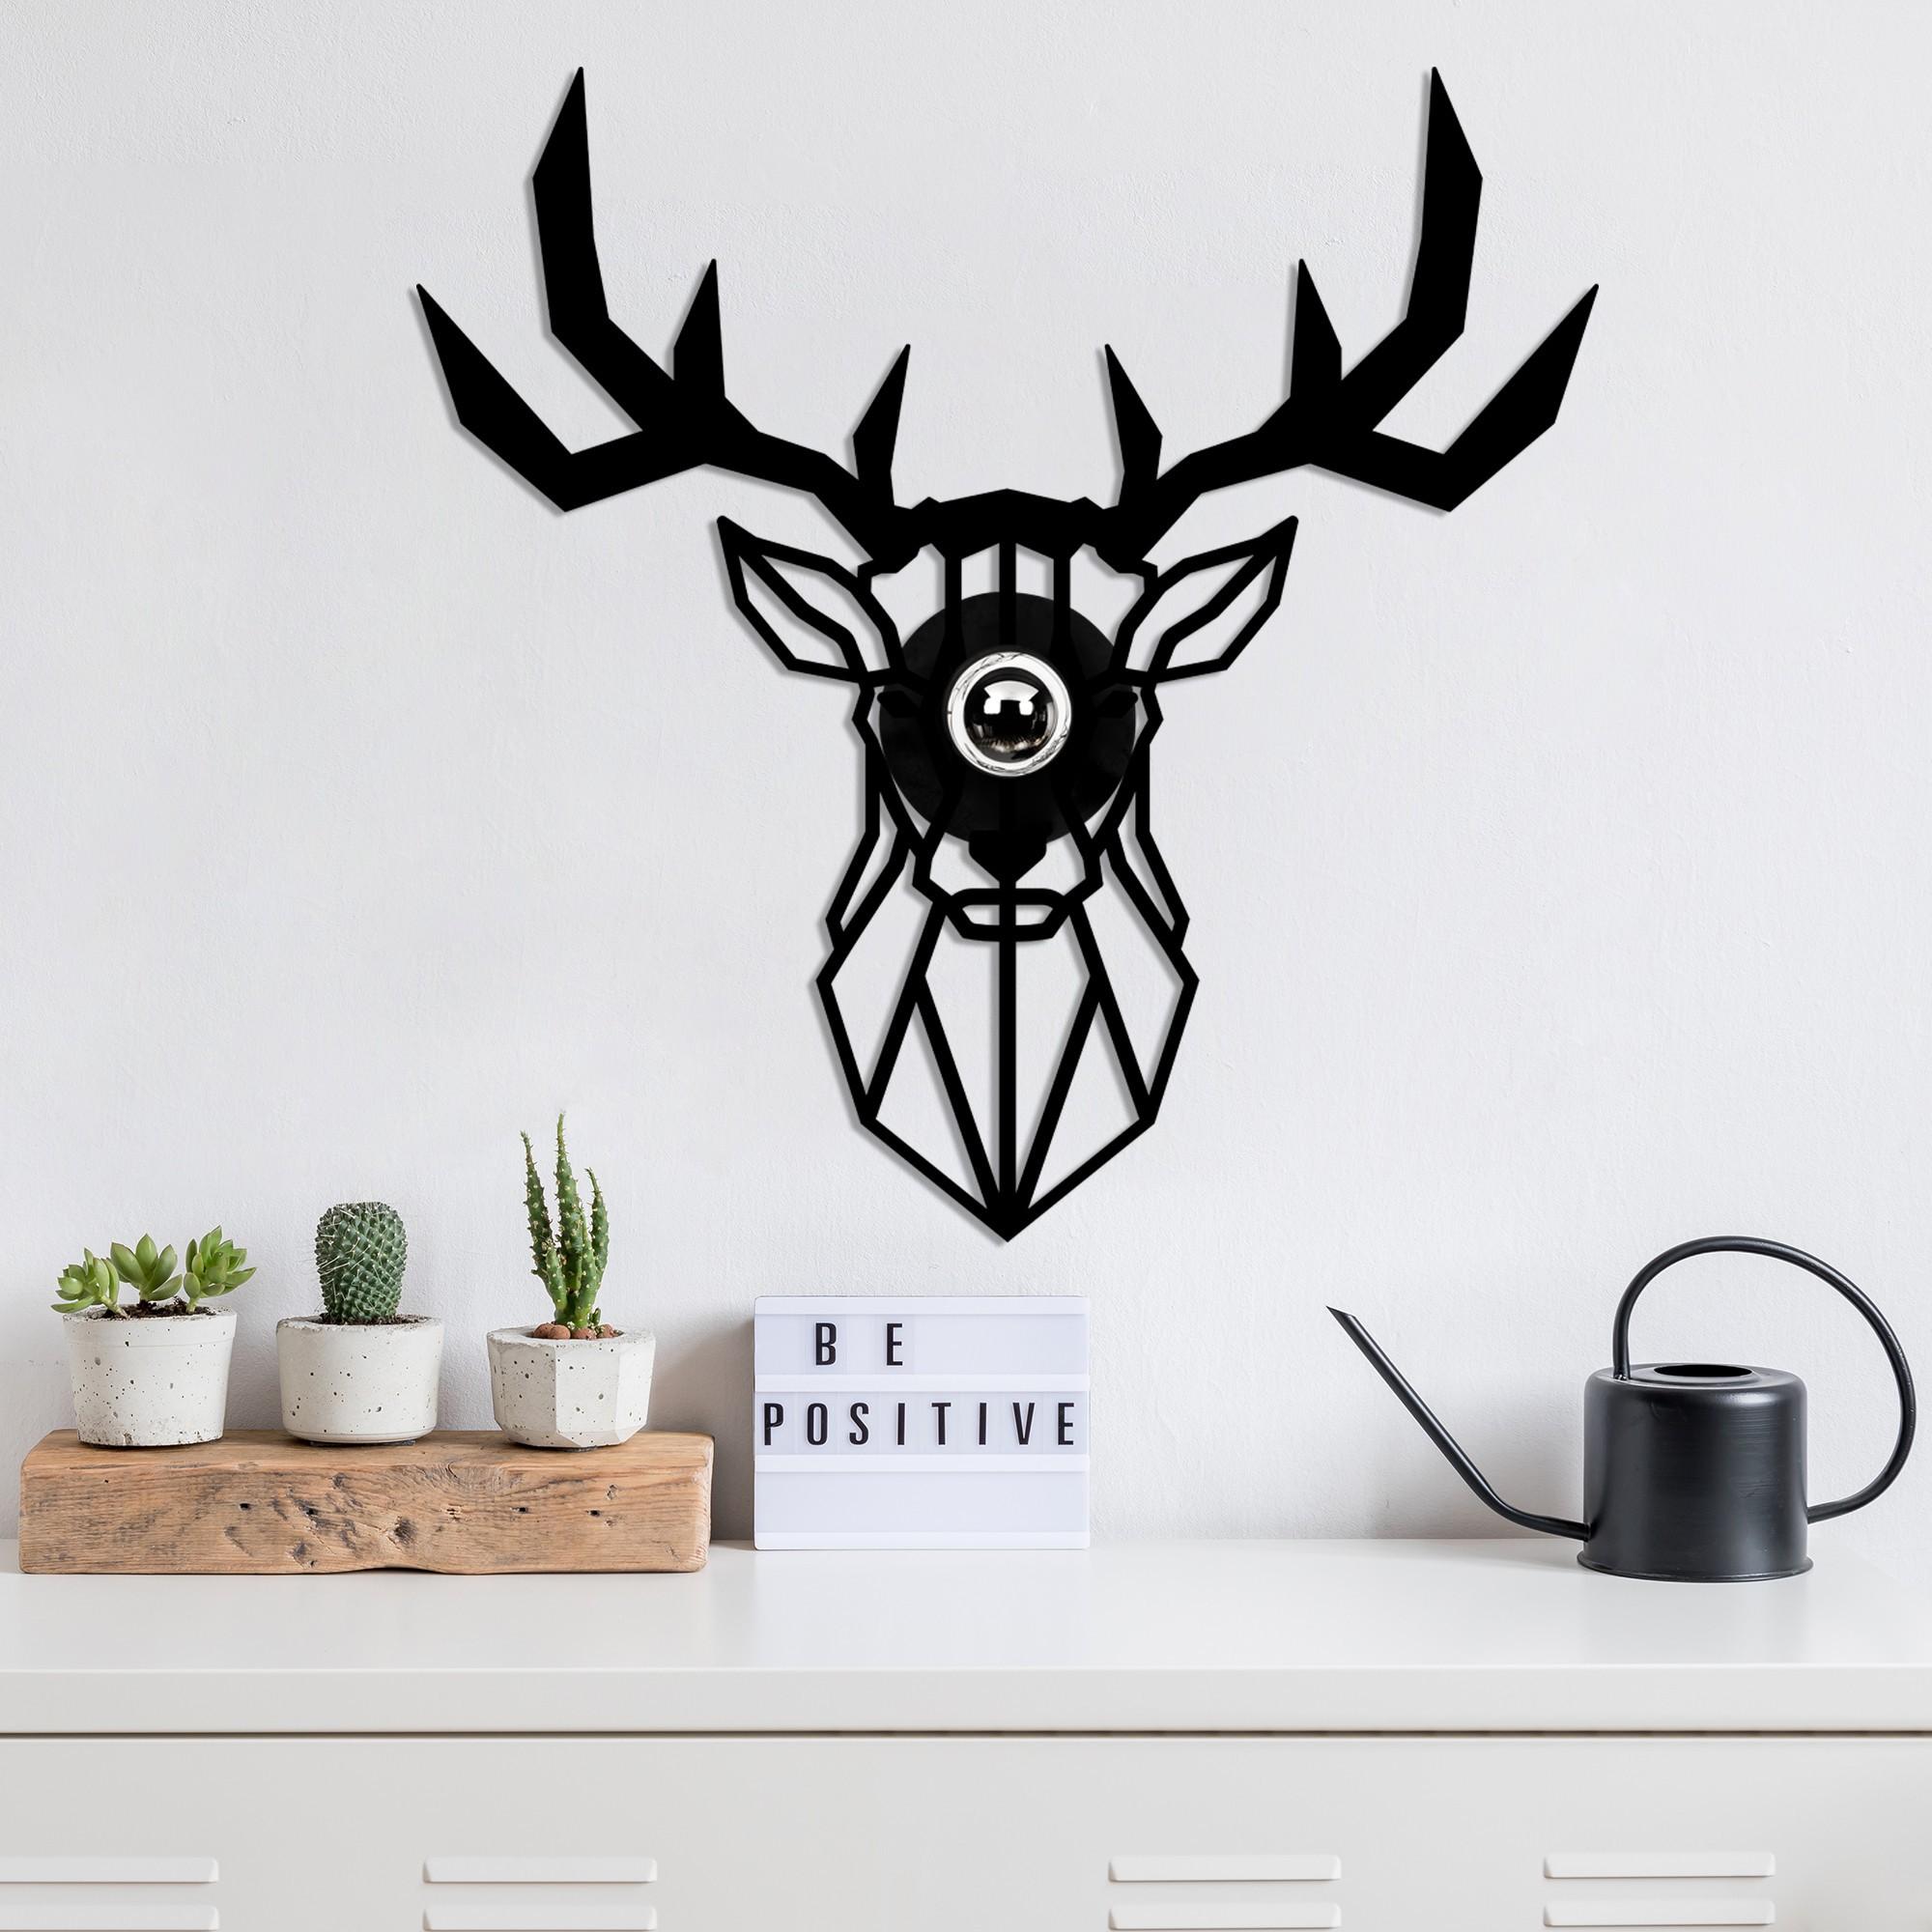 LED industriële wanddeco lamp dieren - Deer - dimbaar - E27 fitting - sfeerfoto